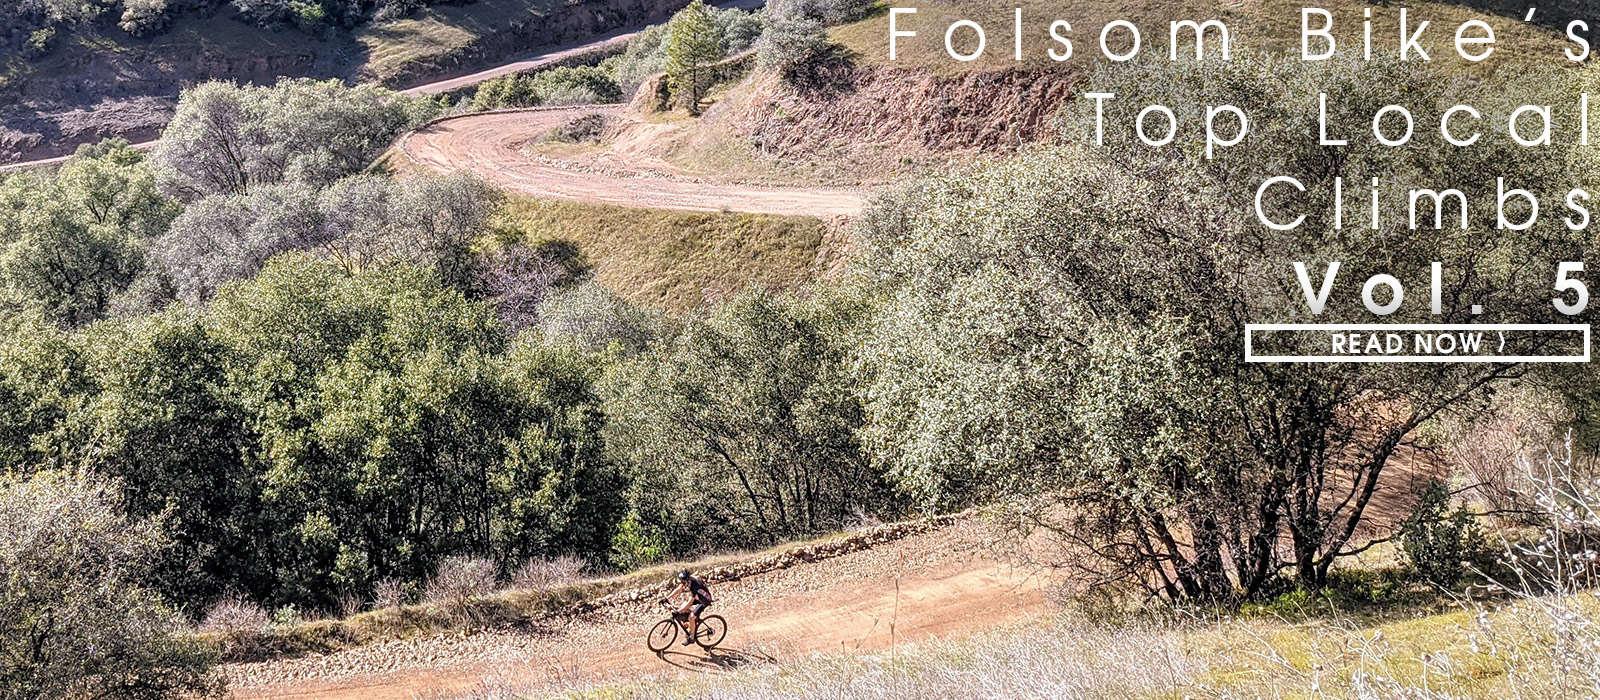 Top local Climbs vol 5